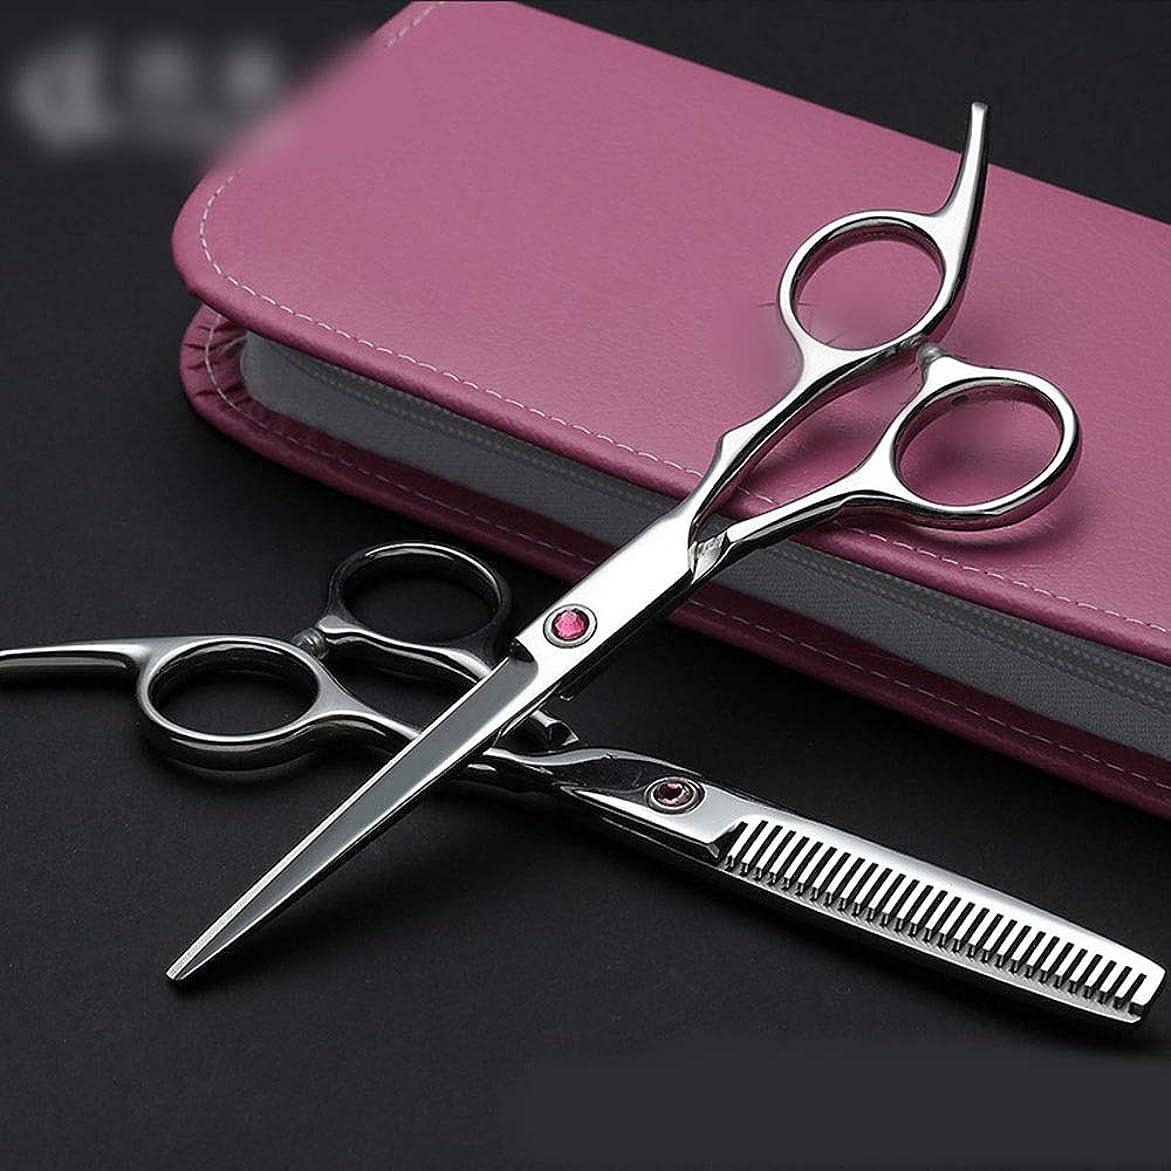 むしゃむしゃ歴史バングラデシュ理髪用はさみ 6インチプロフェッショナル理髪セット、フラット+歯はさみ理髪はさみセットヘアカット鋏ステンレス理髪はさみ (色 : Pink diamond)